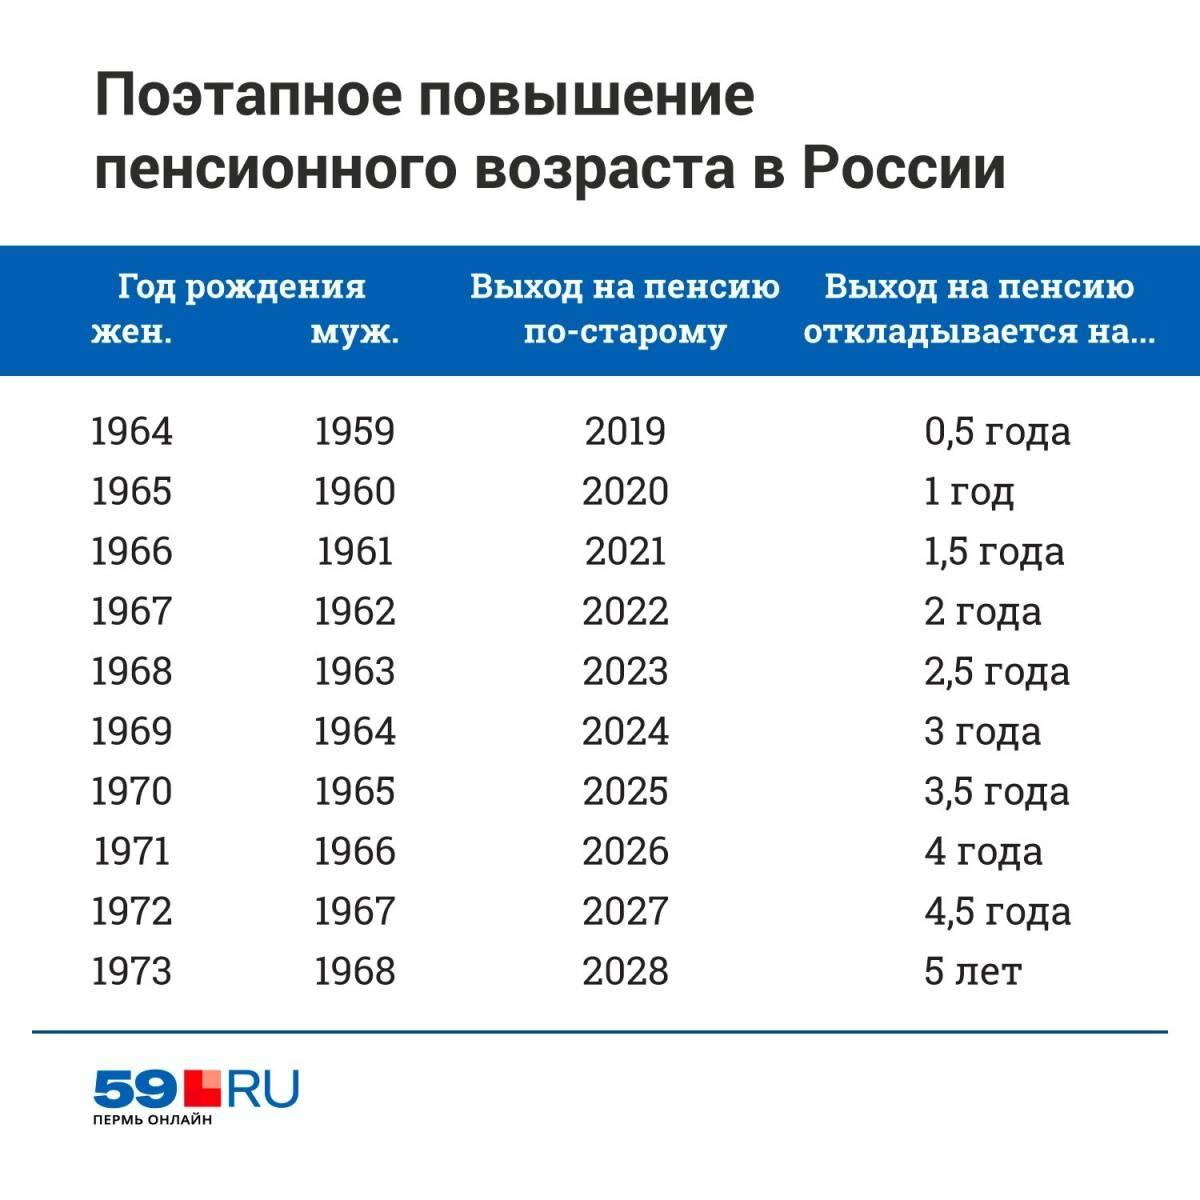 Пенсия в сша в 2021 году: минимальная, средний размер, пенсионный возраст